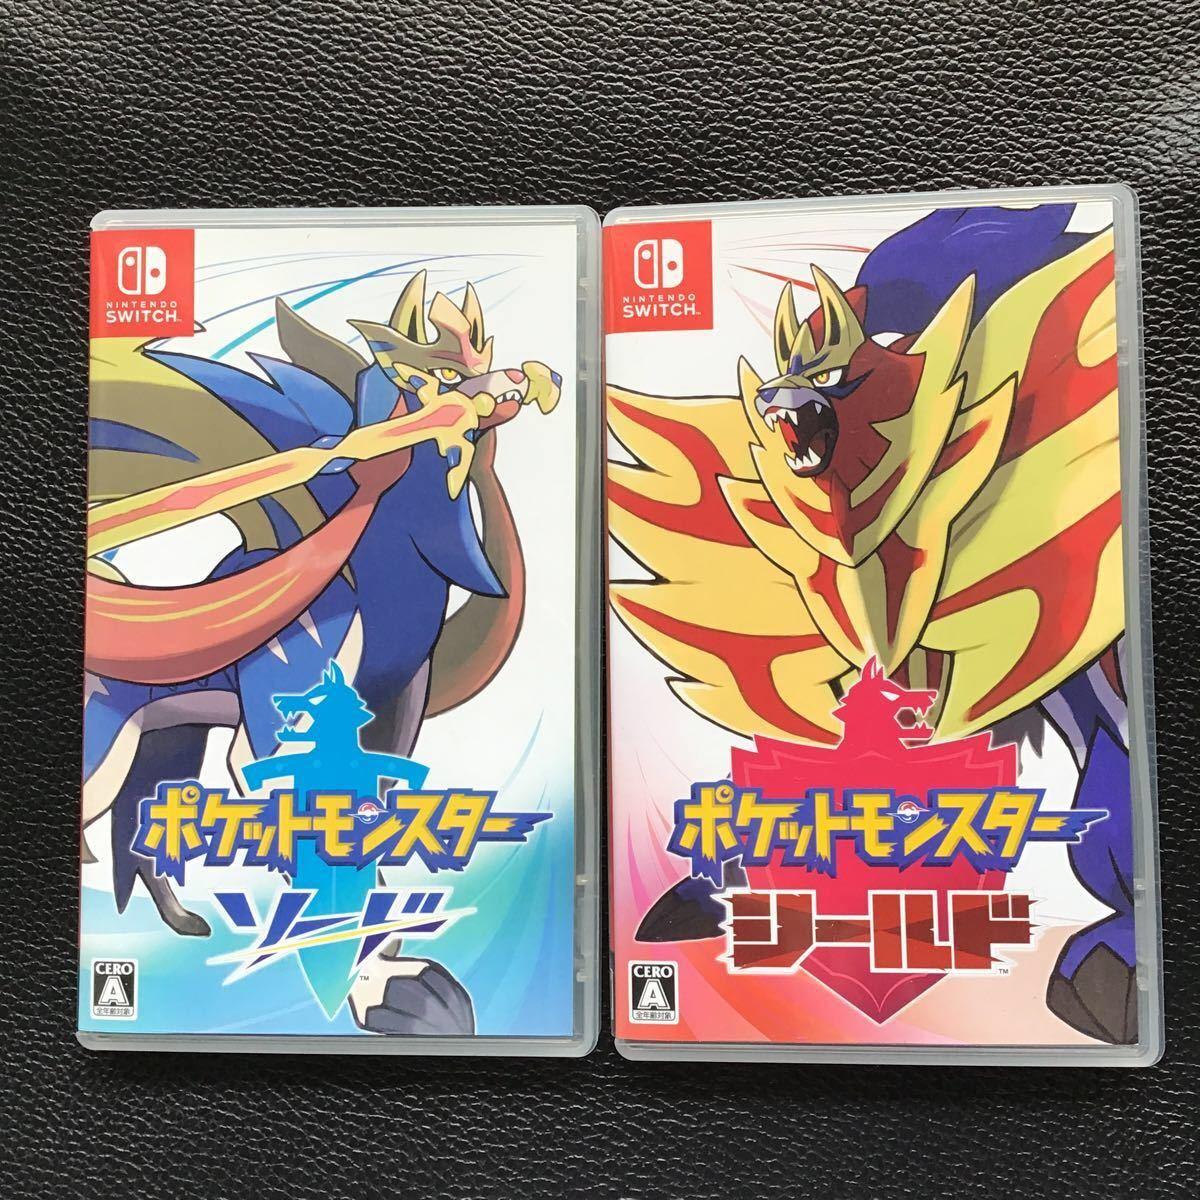 【Switch】ポケットモンスター ソード、シールド 2本セット ポケモン